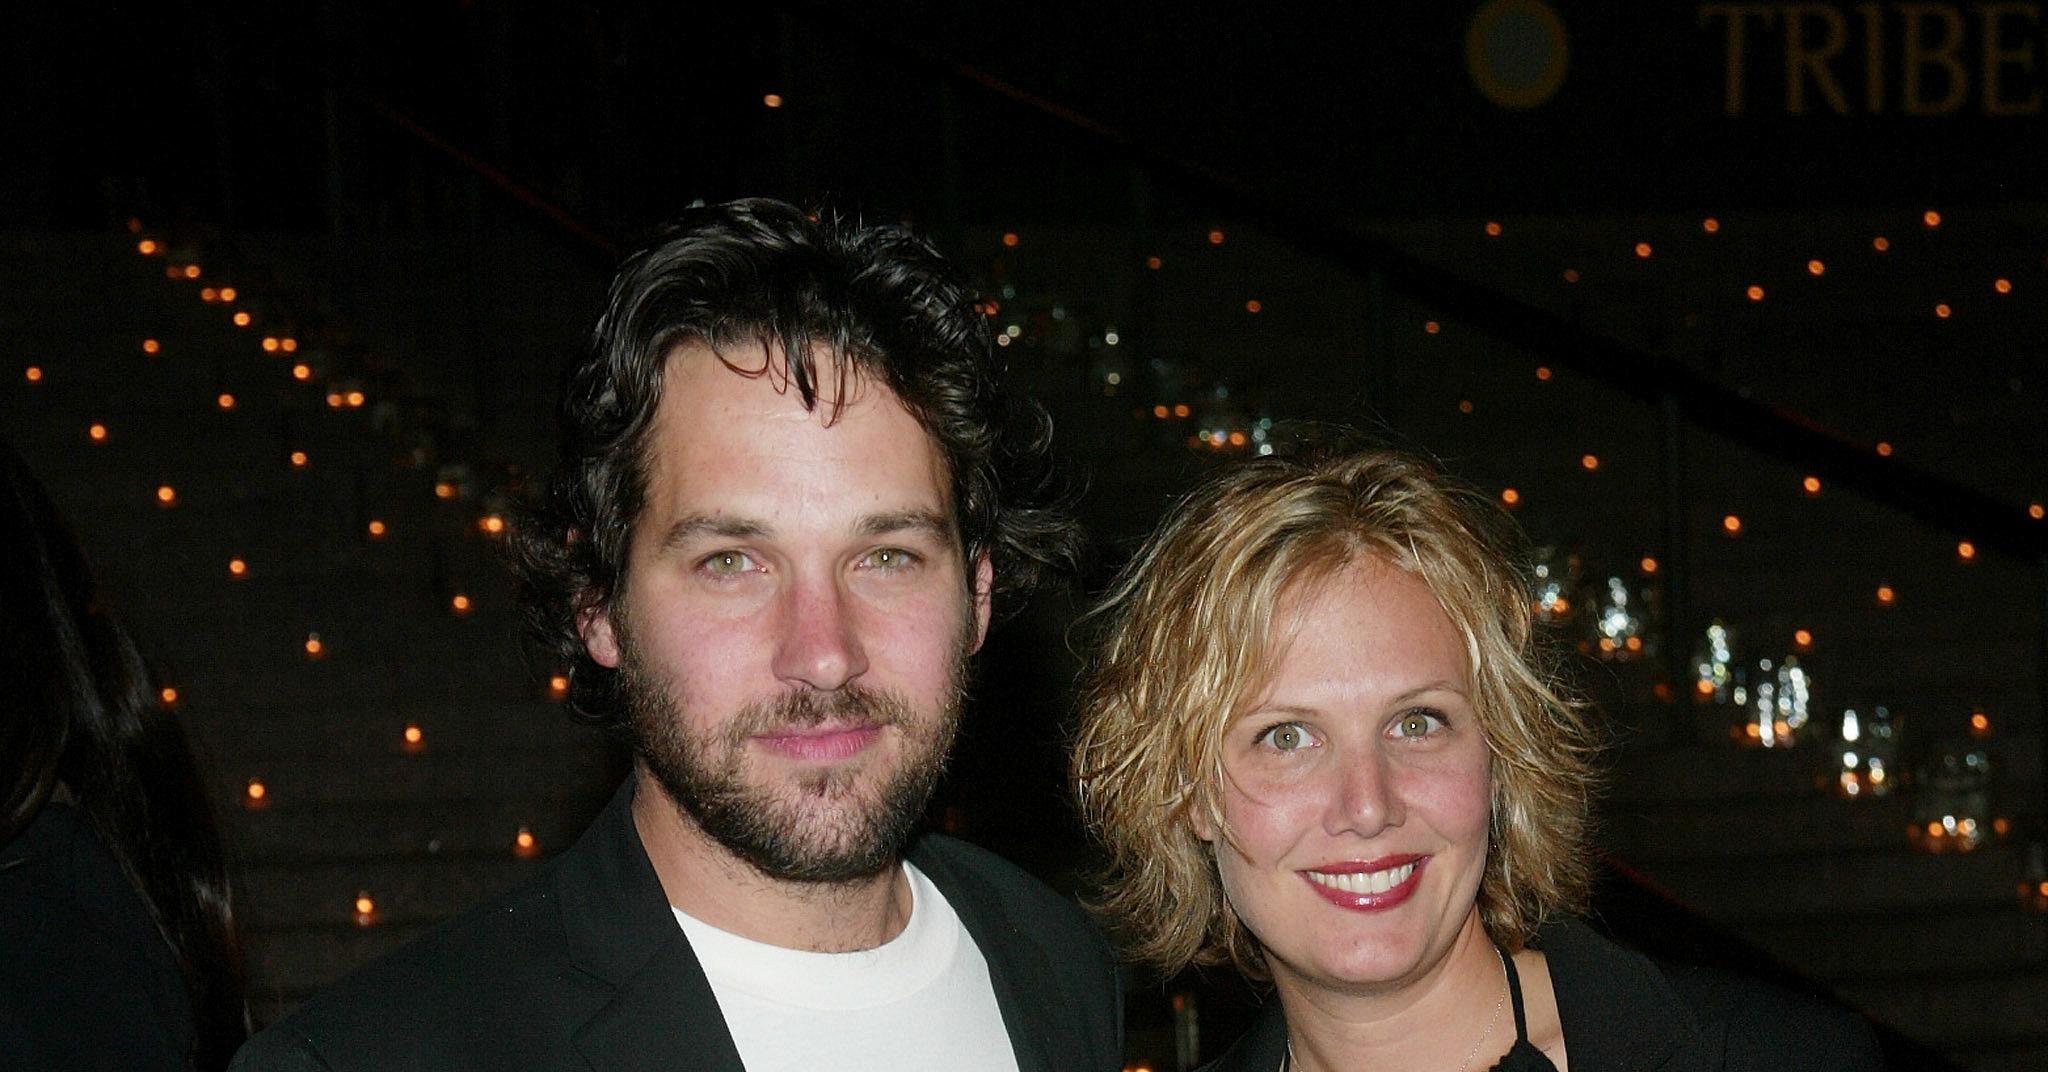 Julie yaeger 2003